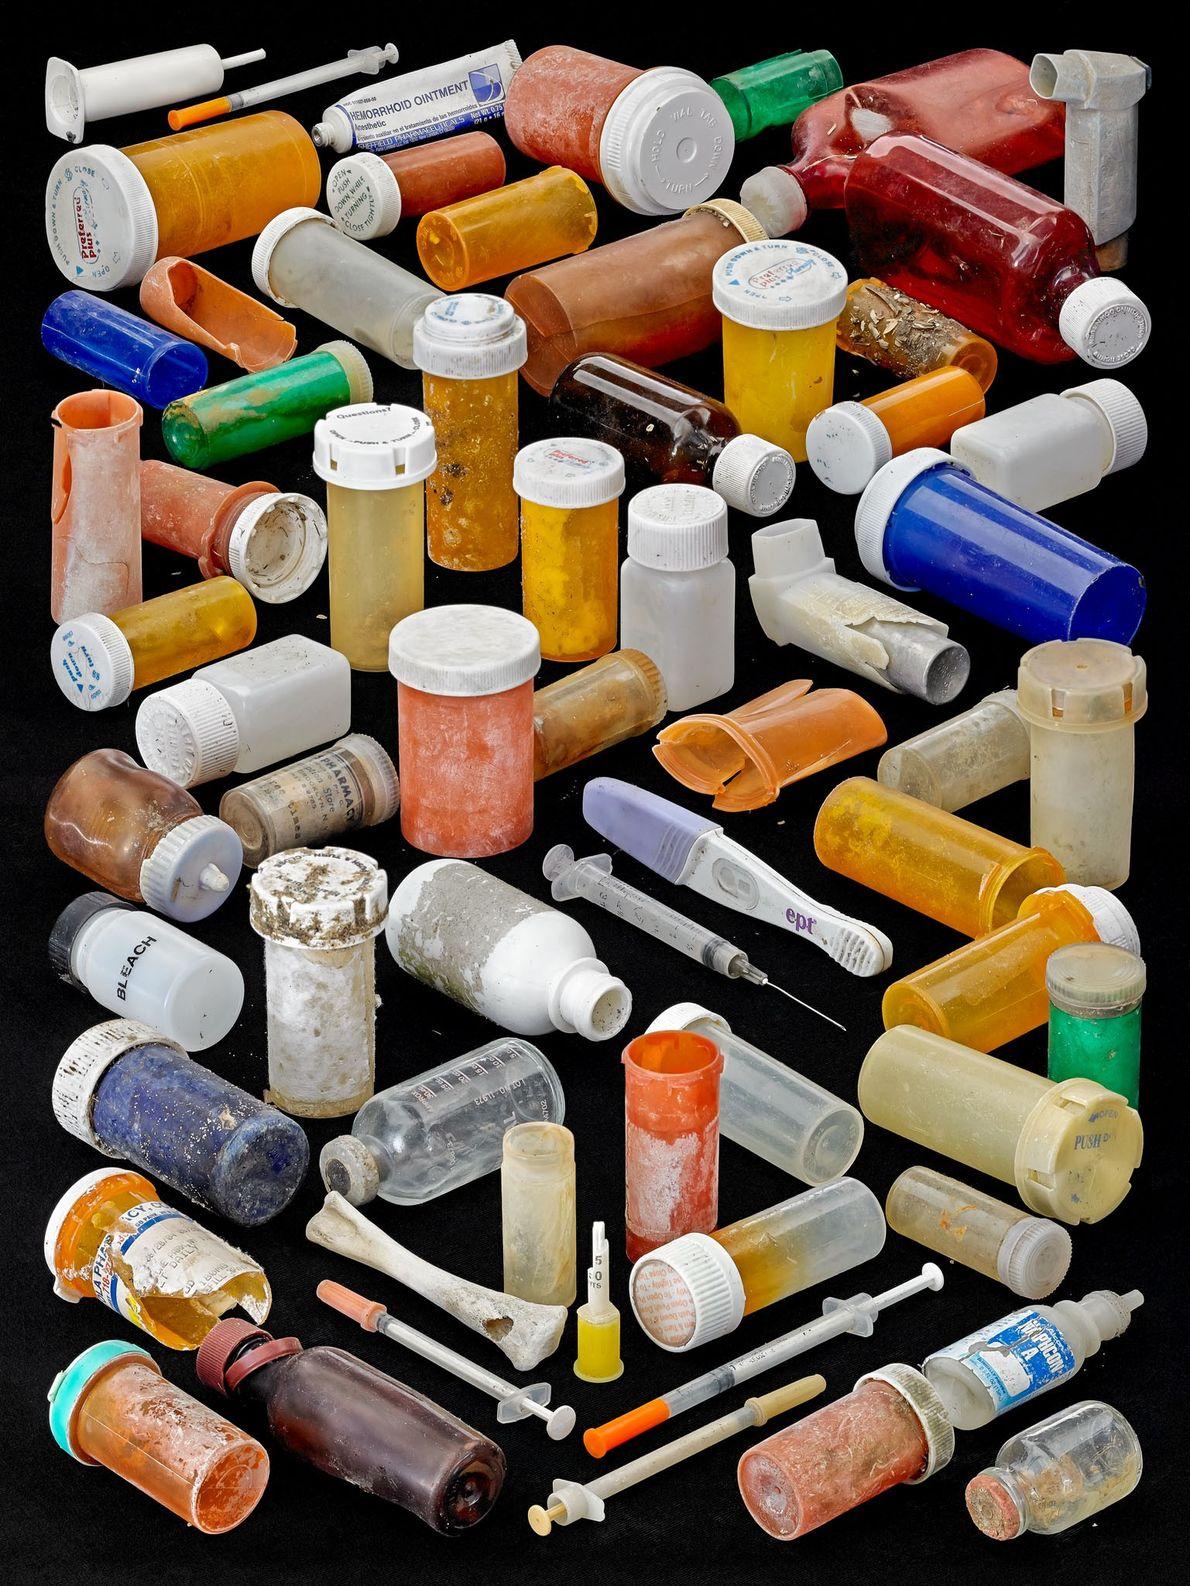 Hasta los desechos farmacéuticos, como envases de pastillas, jeringas e inhaladores, llegan hasta la playa y ...